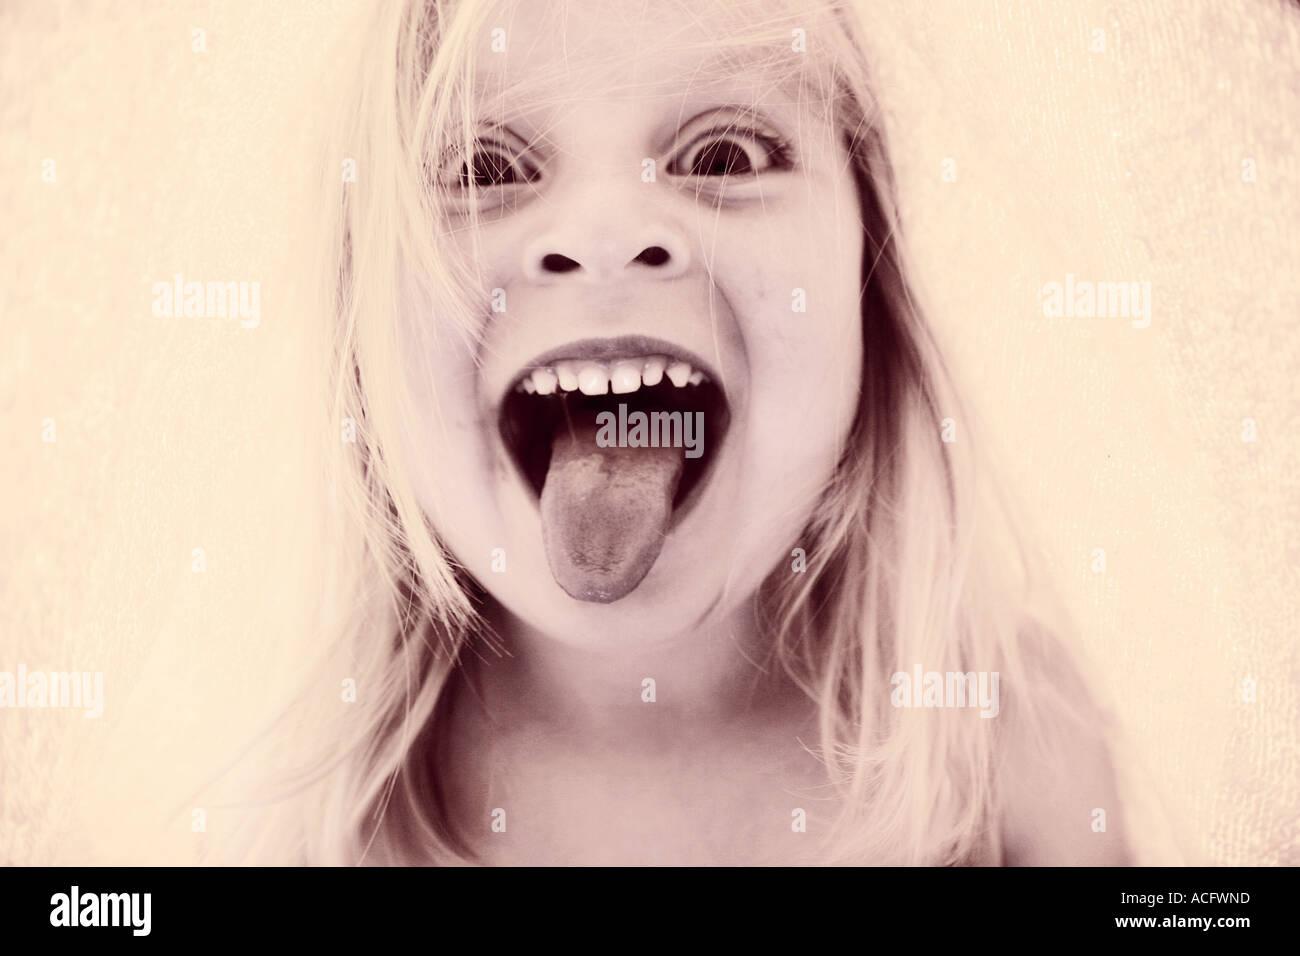 Photo d'un enfant bloqué dans sa langue Photo Stock